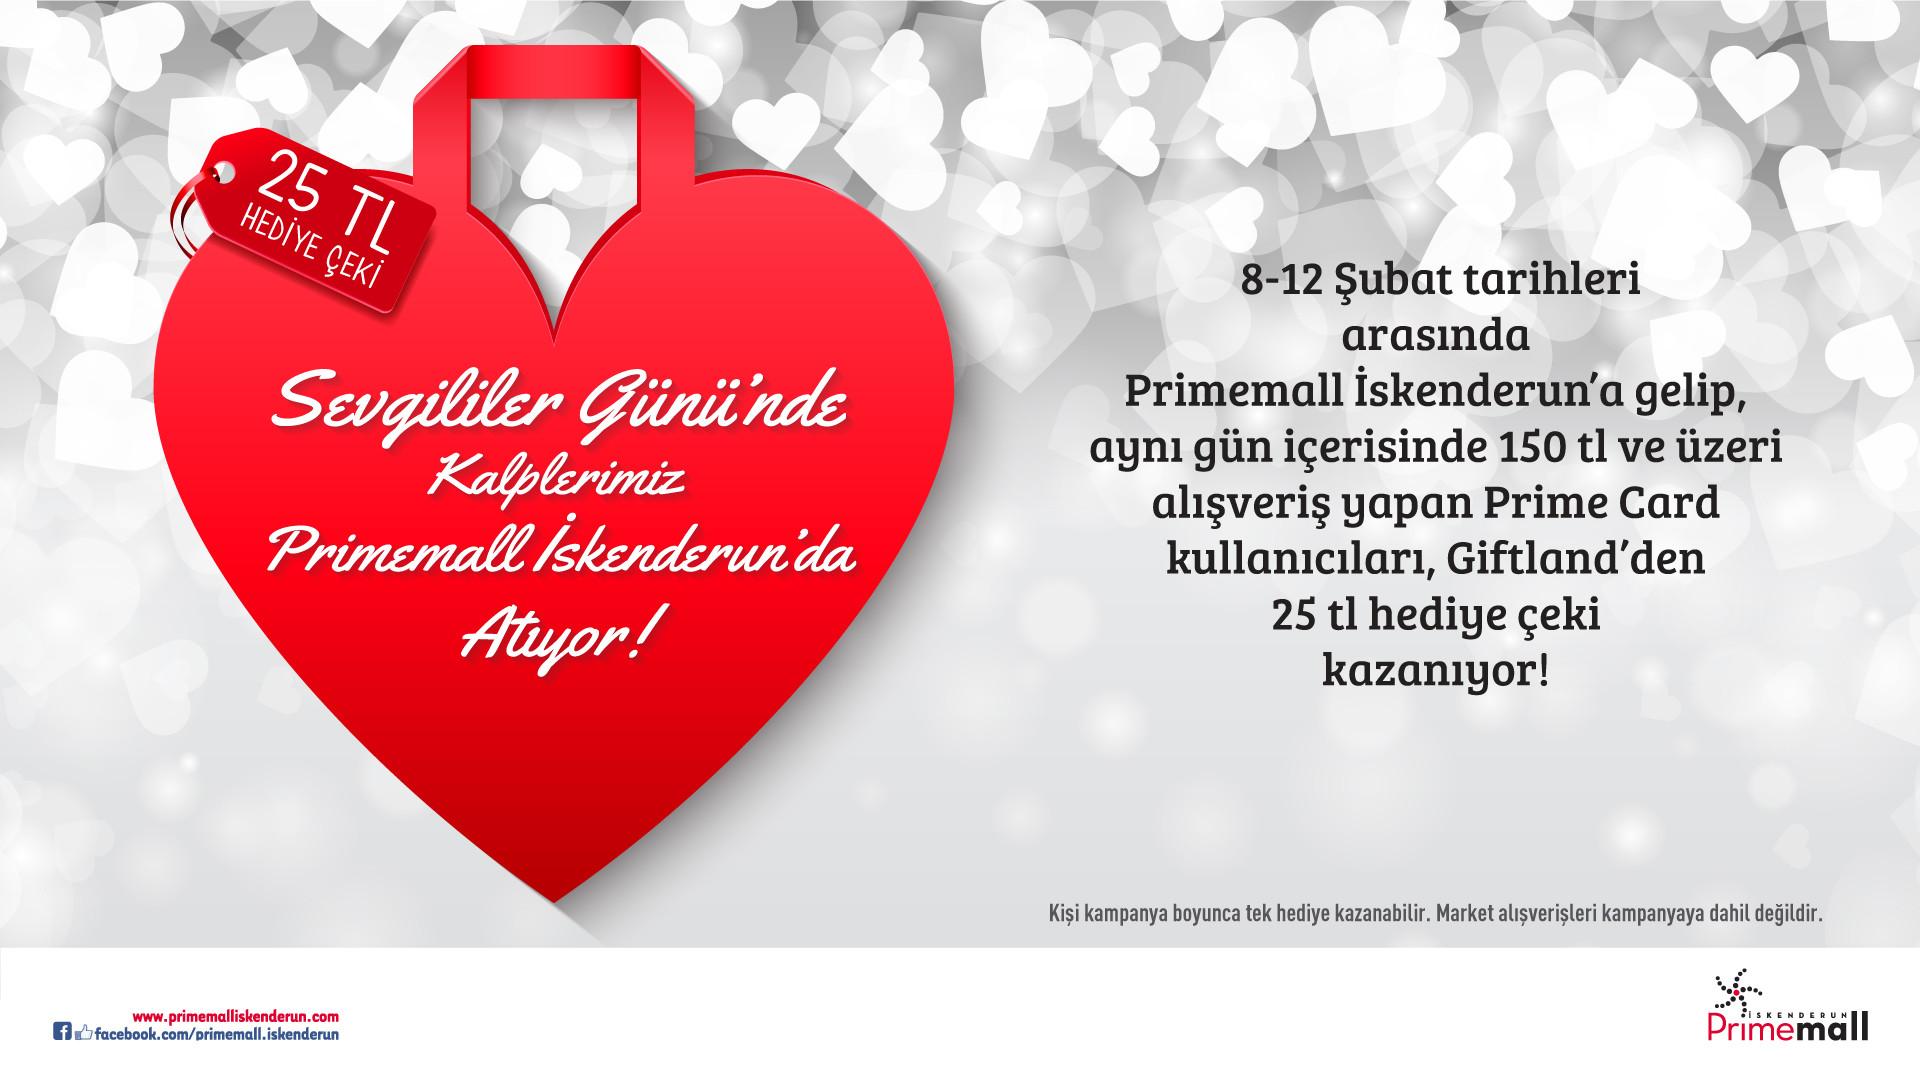 Sevgililer Günü'nde Kalplerimiz Primemall İskenderun'da Atıyor